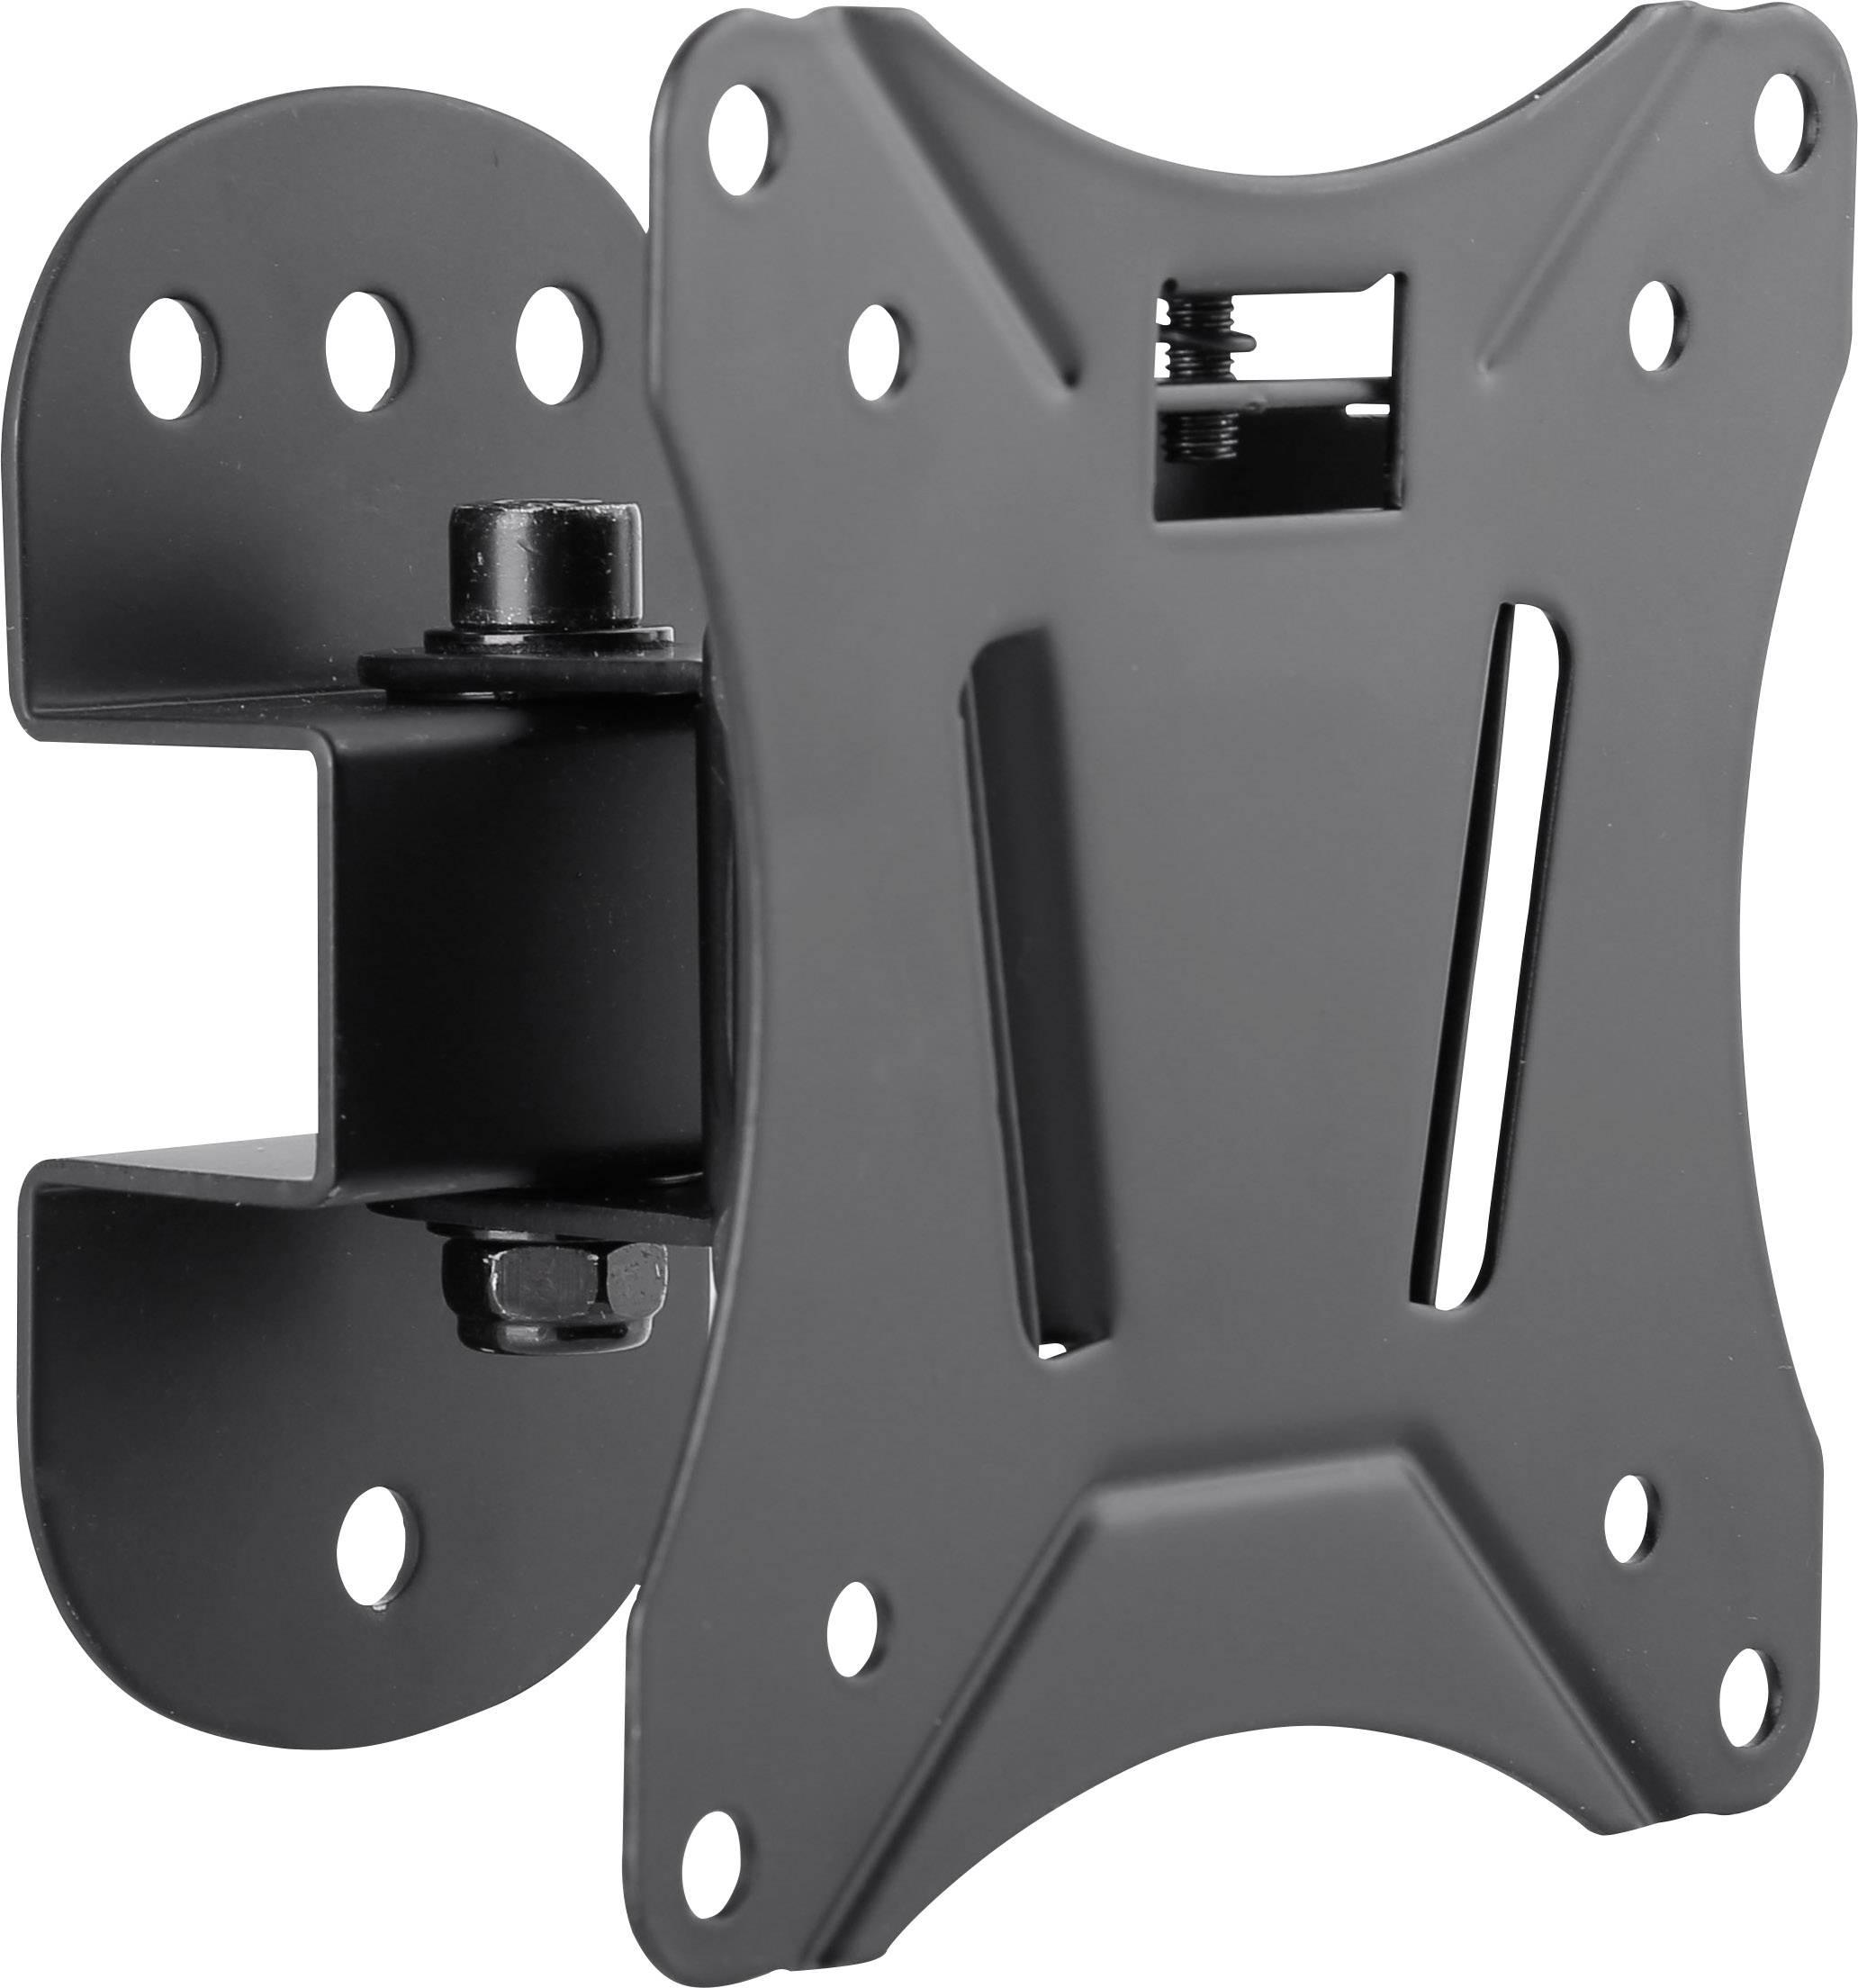 """Držiak na stenu pre monitor SpeaKa Professional SP-6012040, 33,0 cm (13"""") - 68,6 cm (27""""), čierna"""